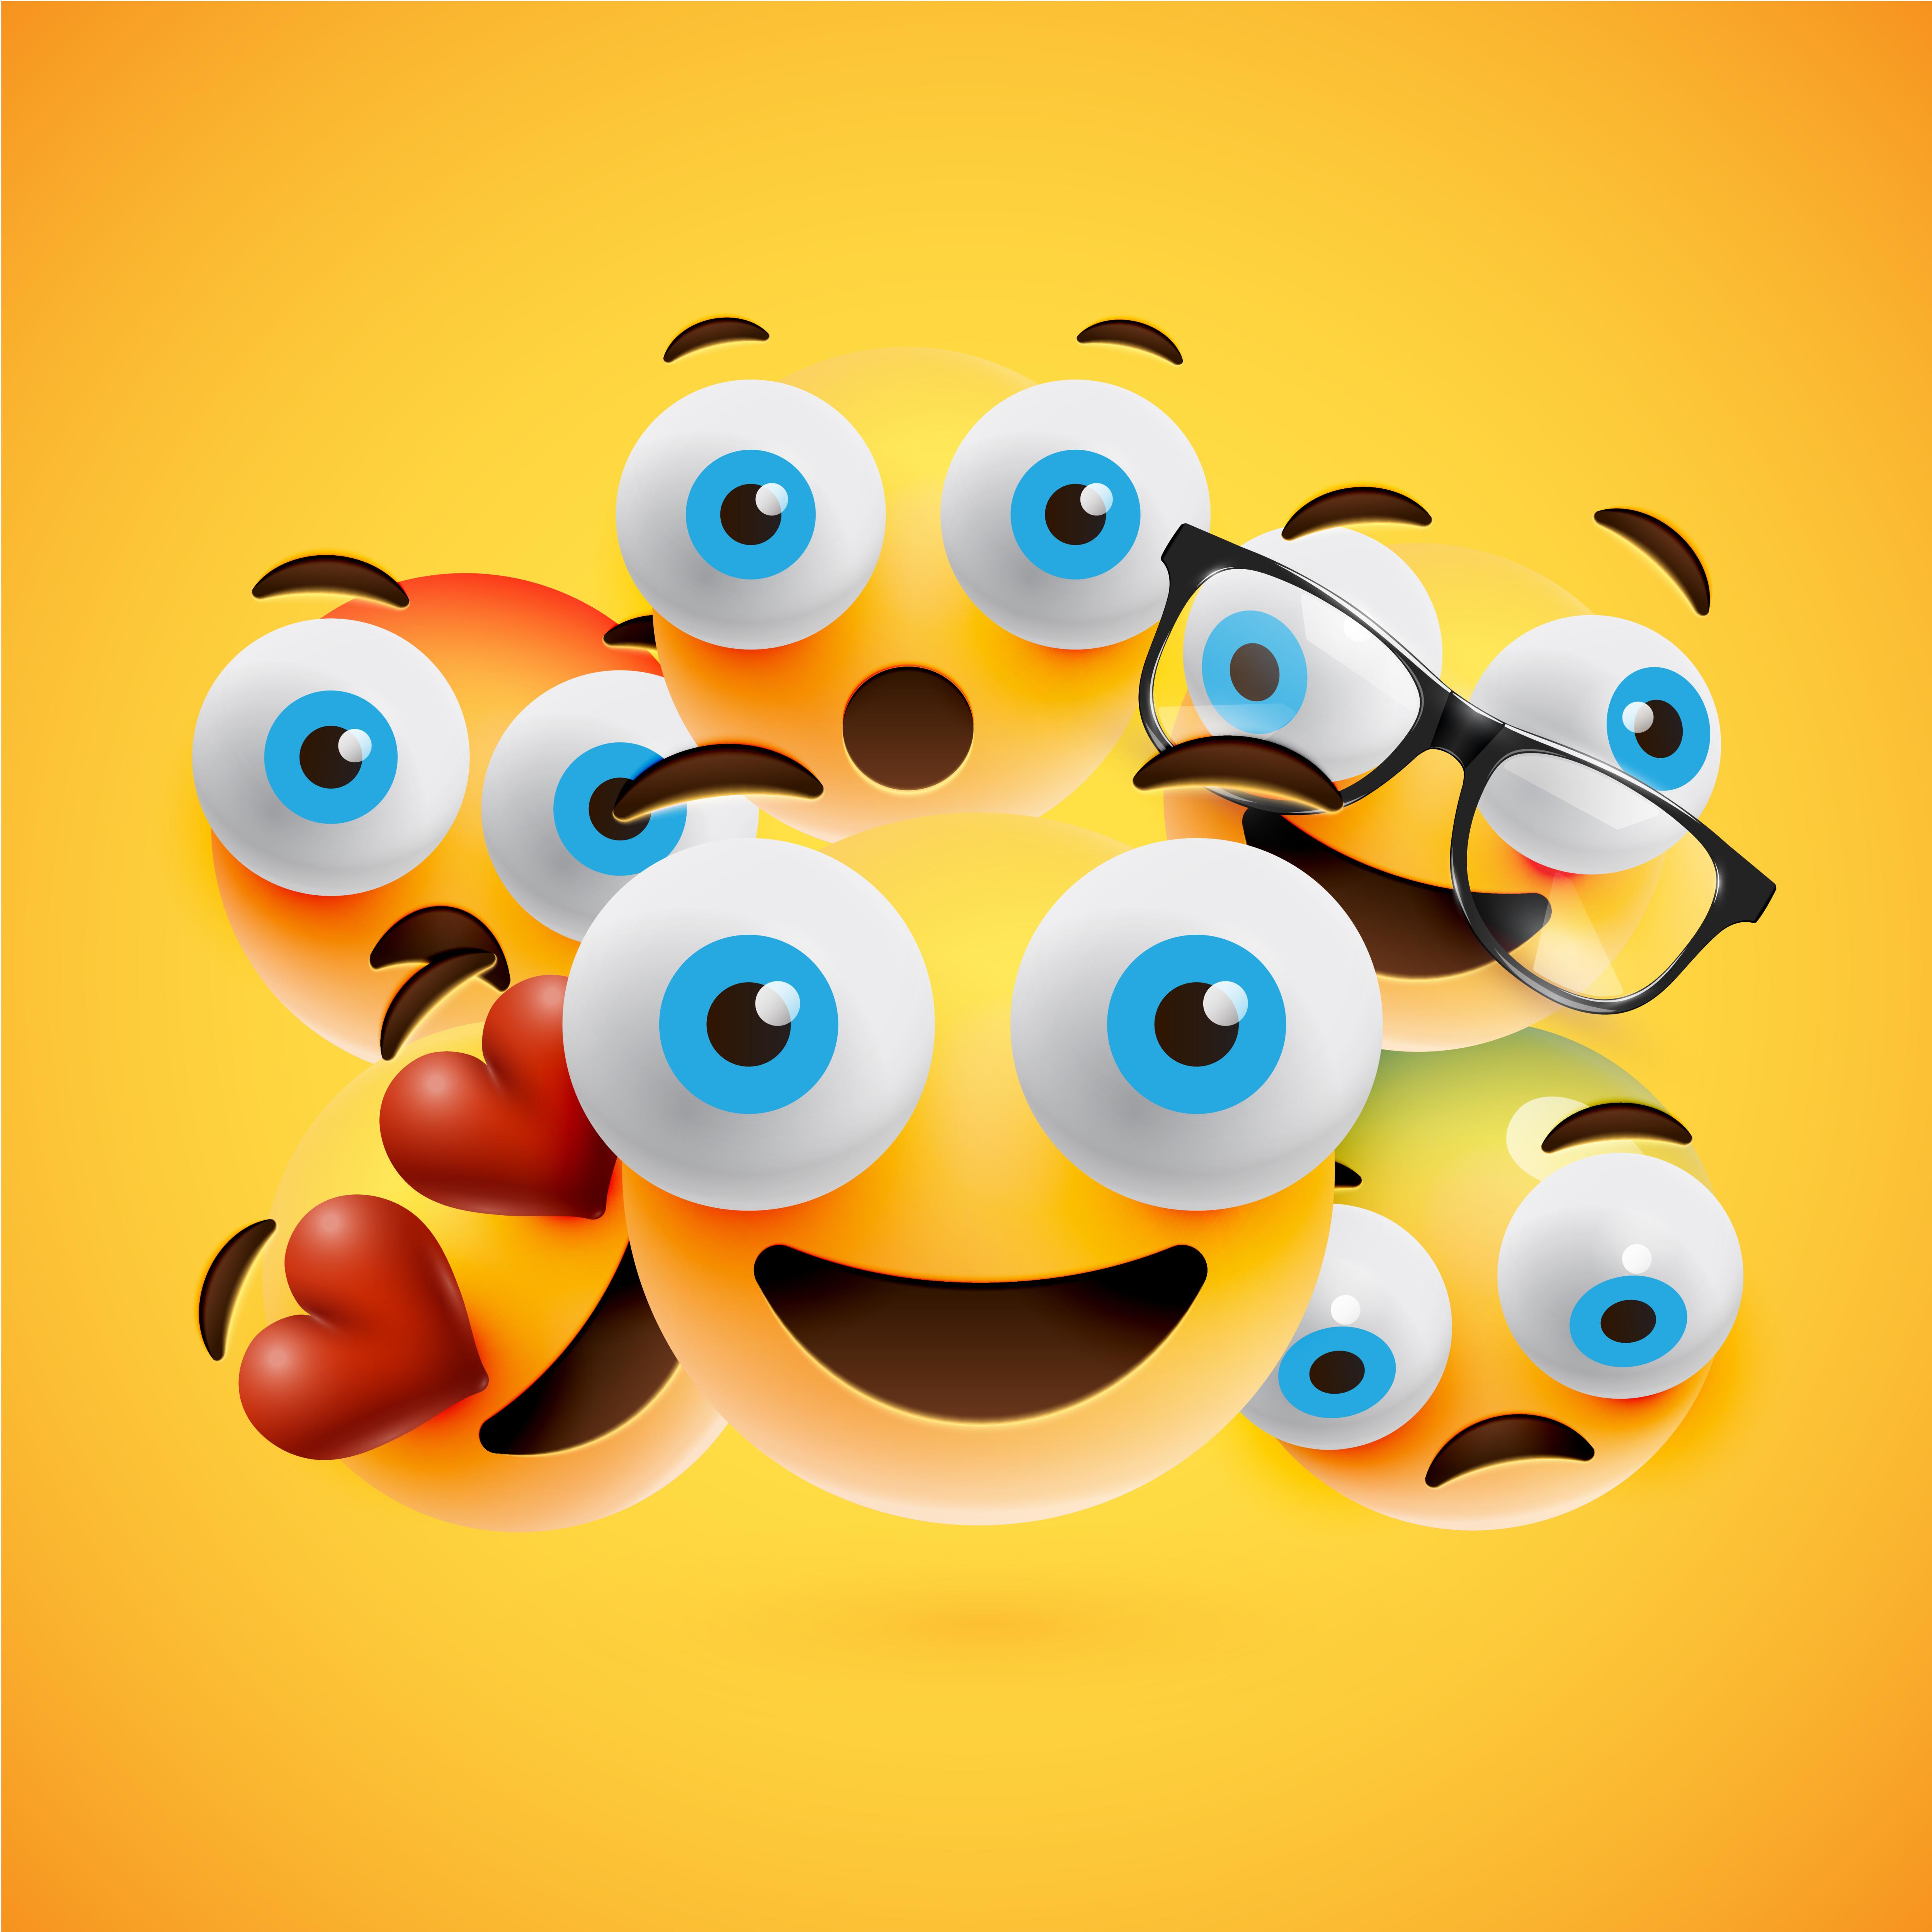 Verschiedene gelbe Smileys auf gelbem Hintergrund